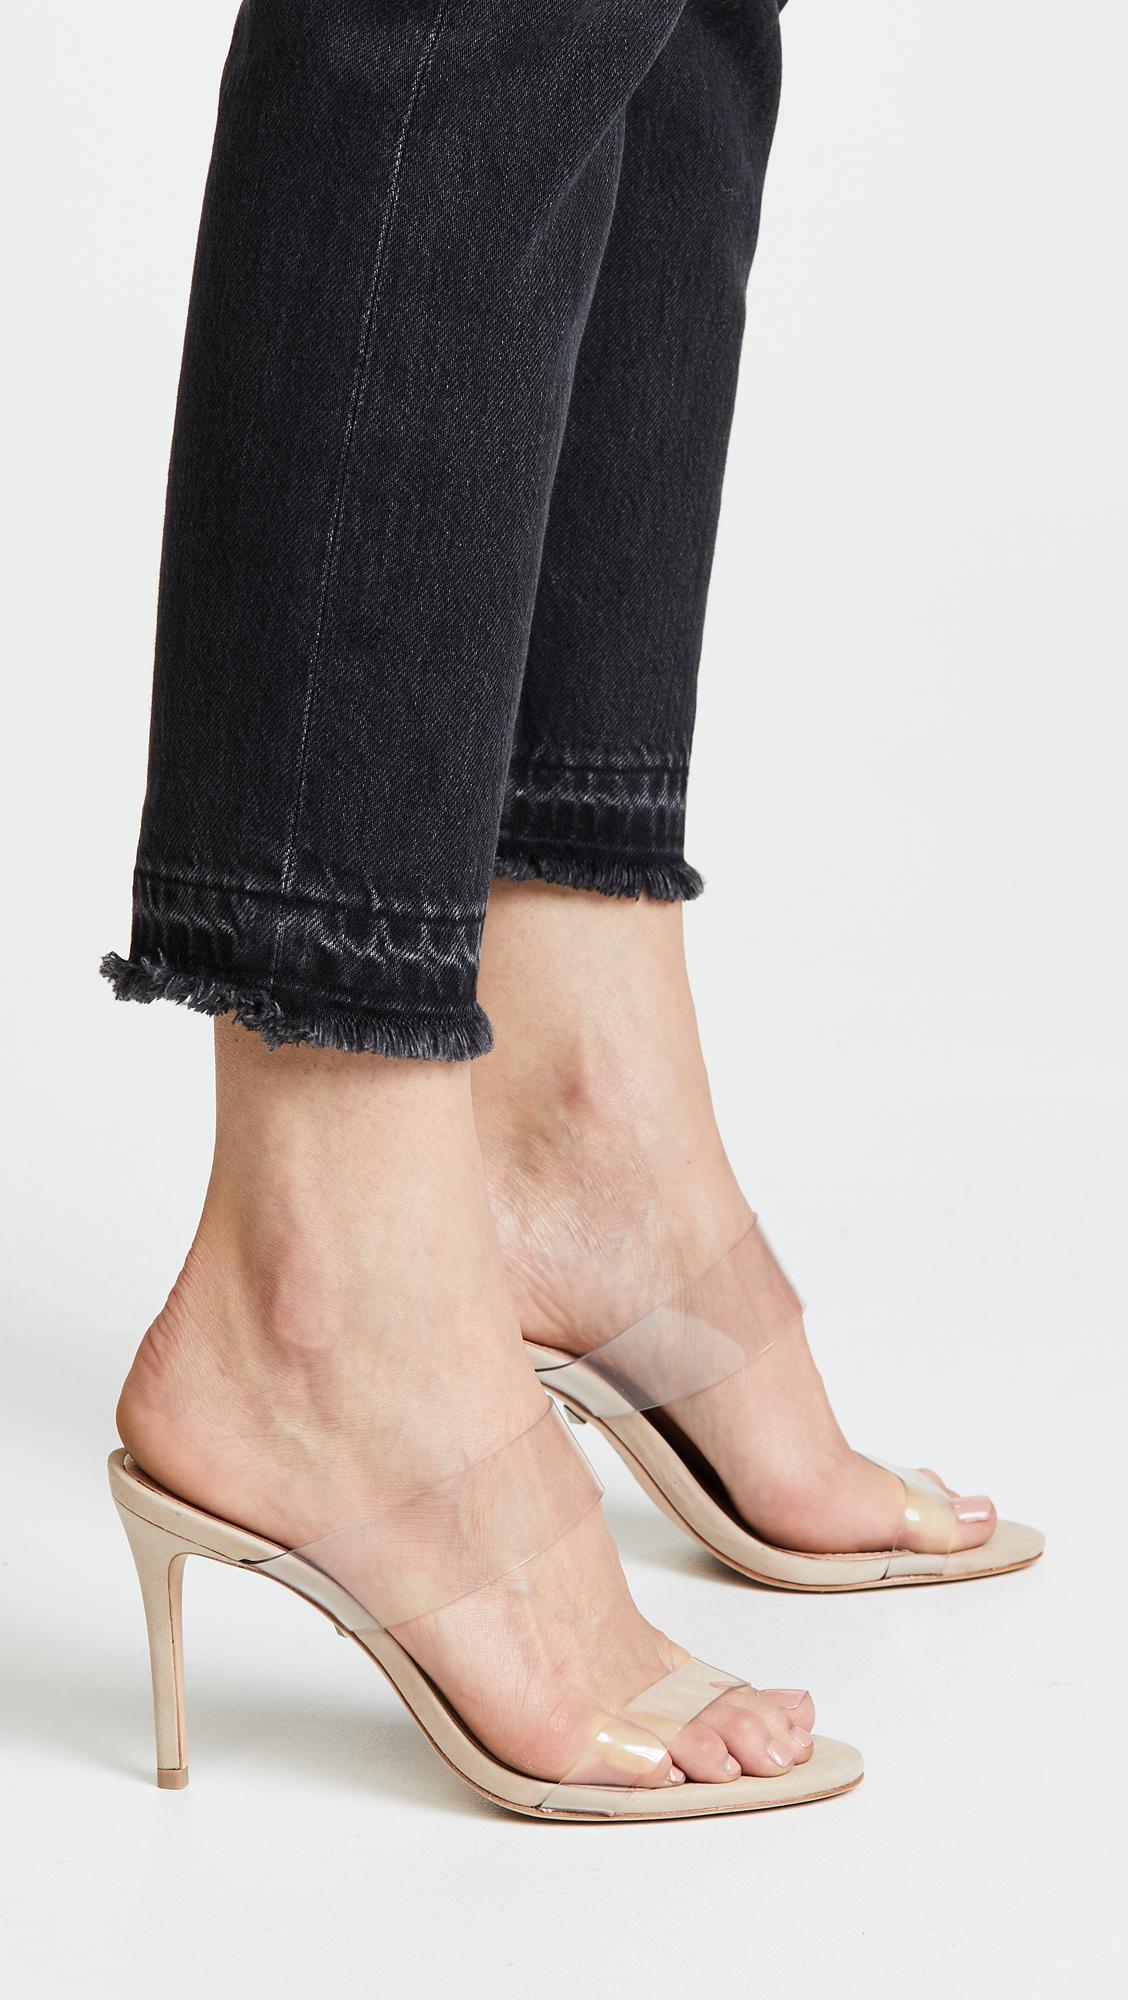 148c3580772f Lyst - Schutz Ariella Strappy Sandals